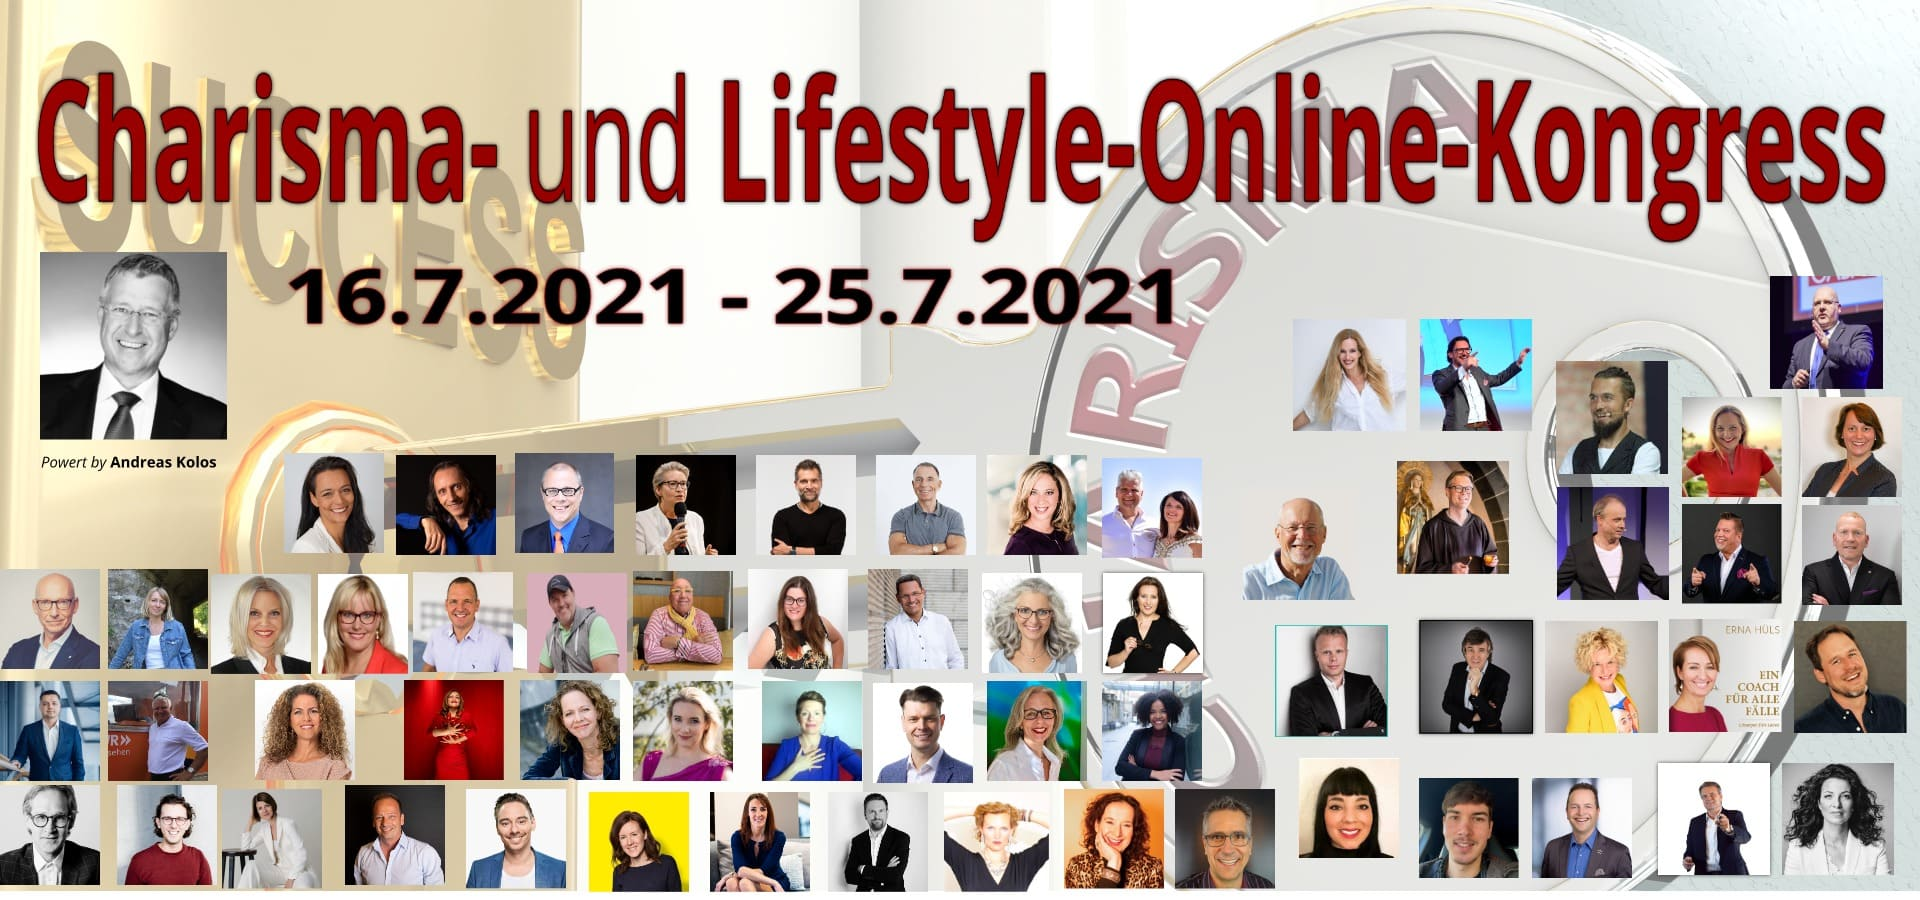 Charisma und Lifestyle-Online-Kongress